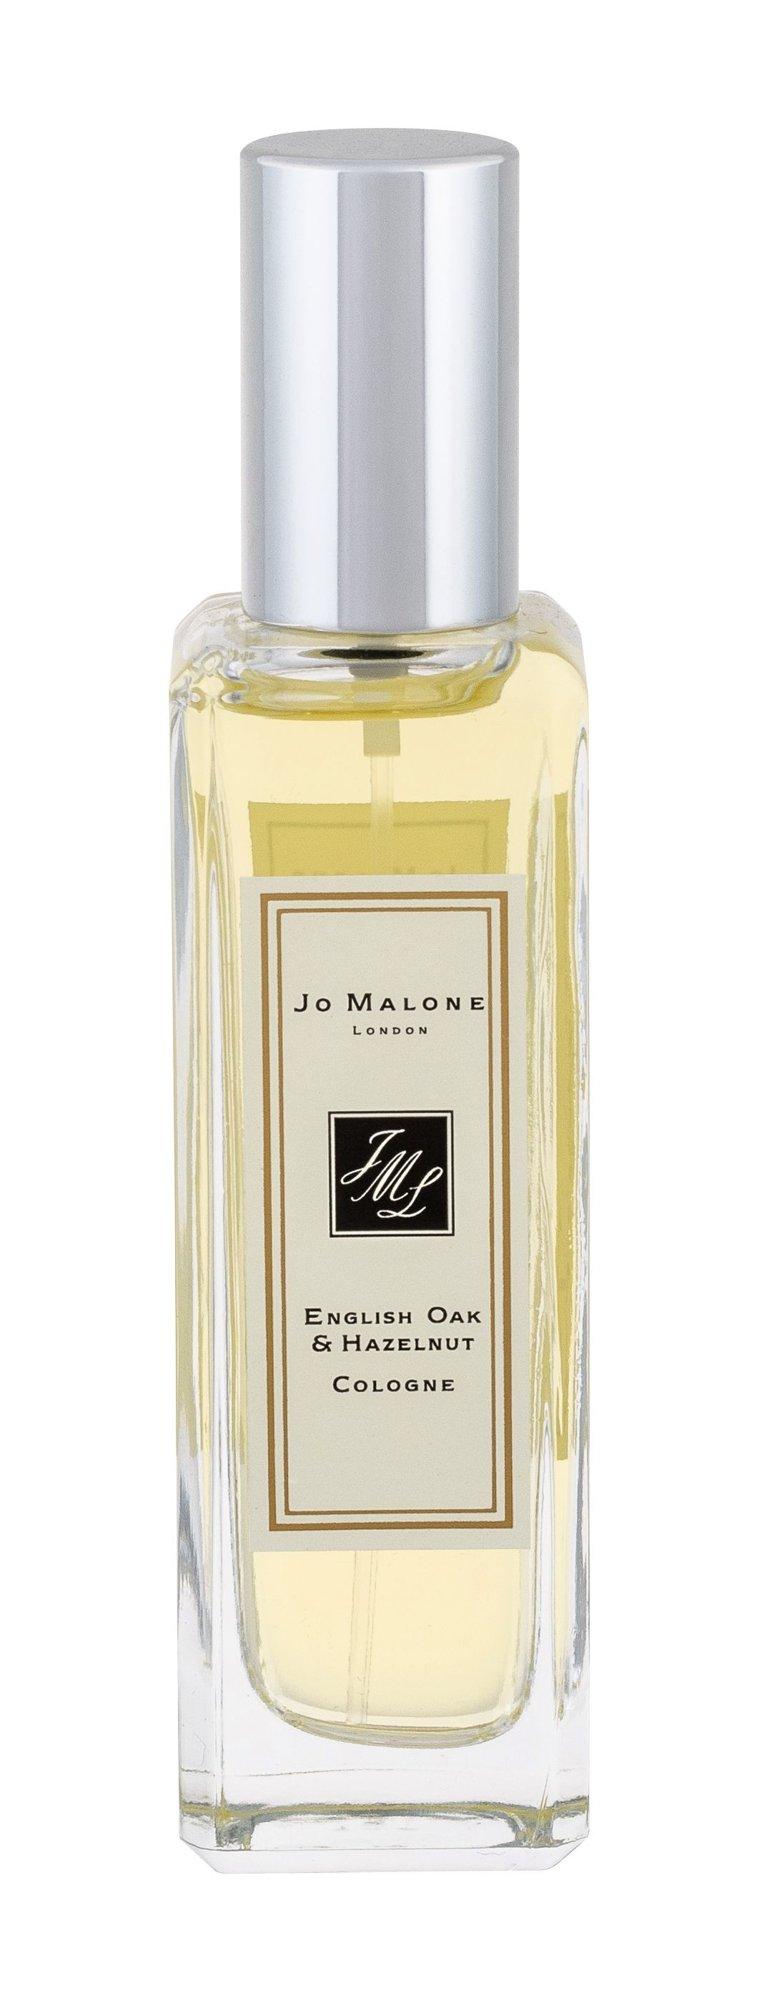 Jo Malone English Oak & Hazelnut Eau de Cologne 30ml